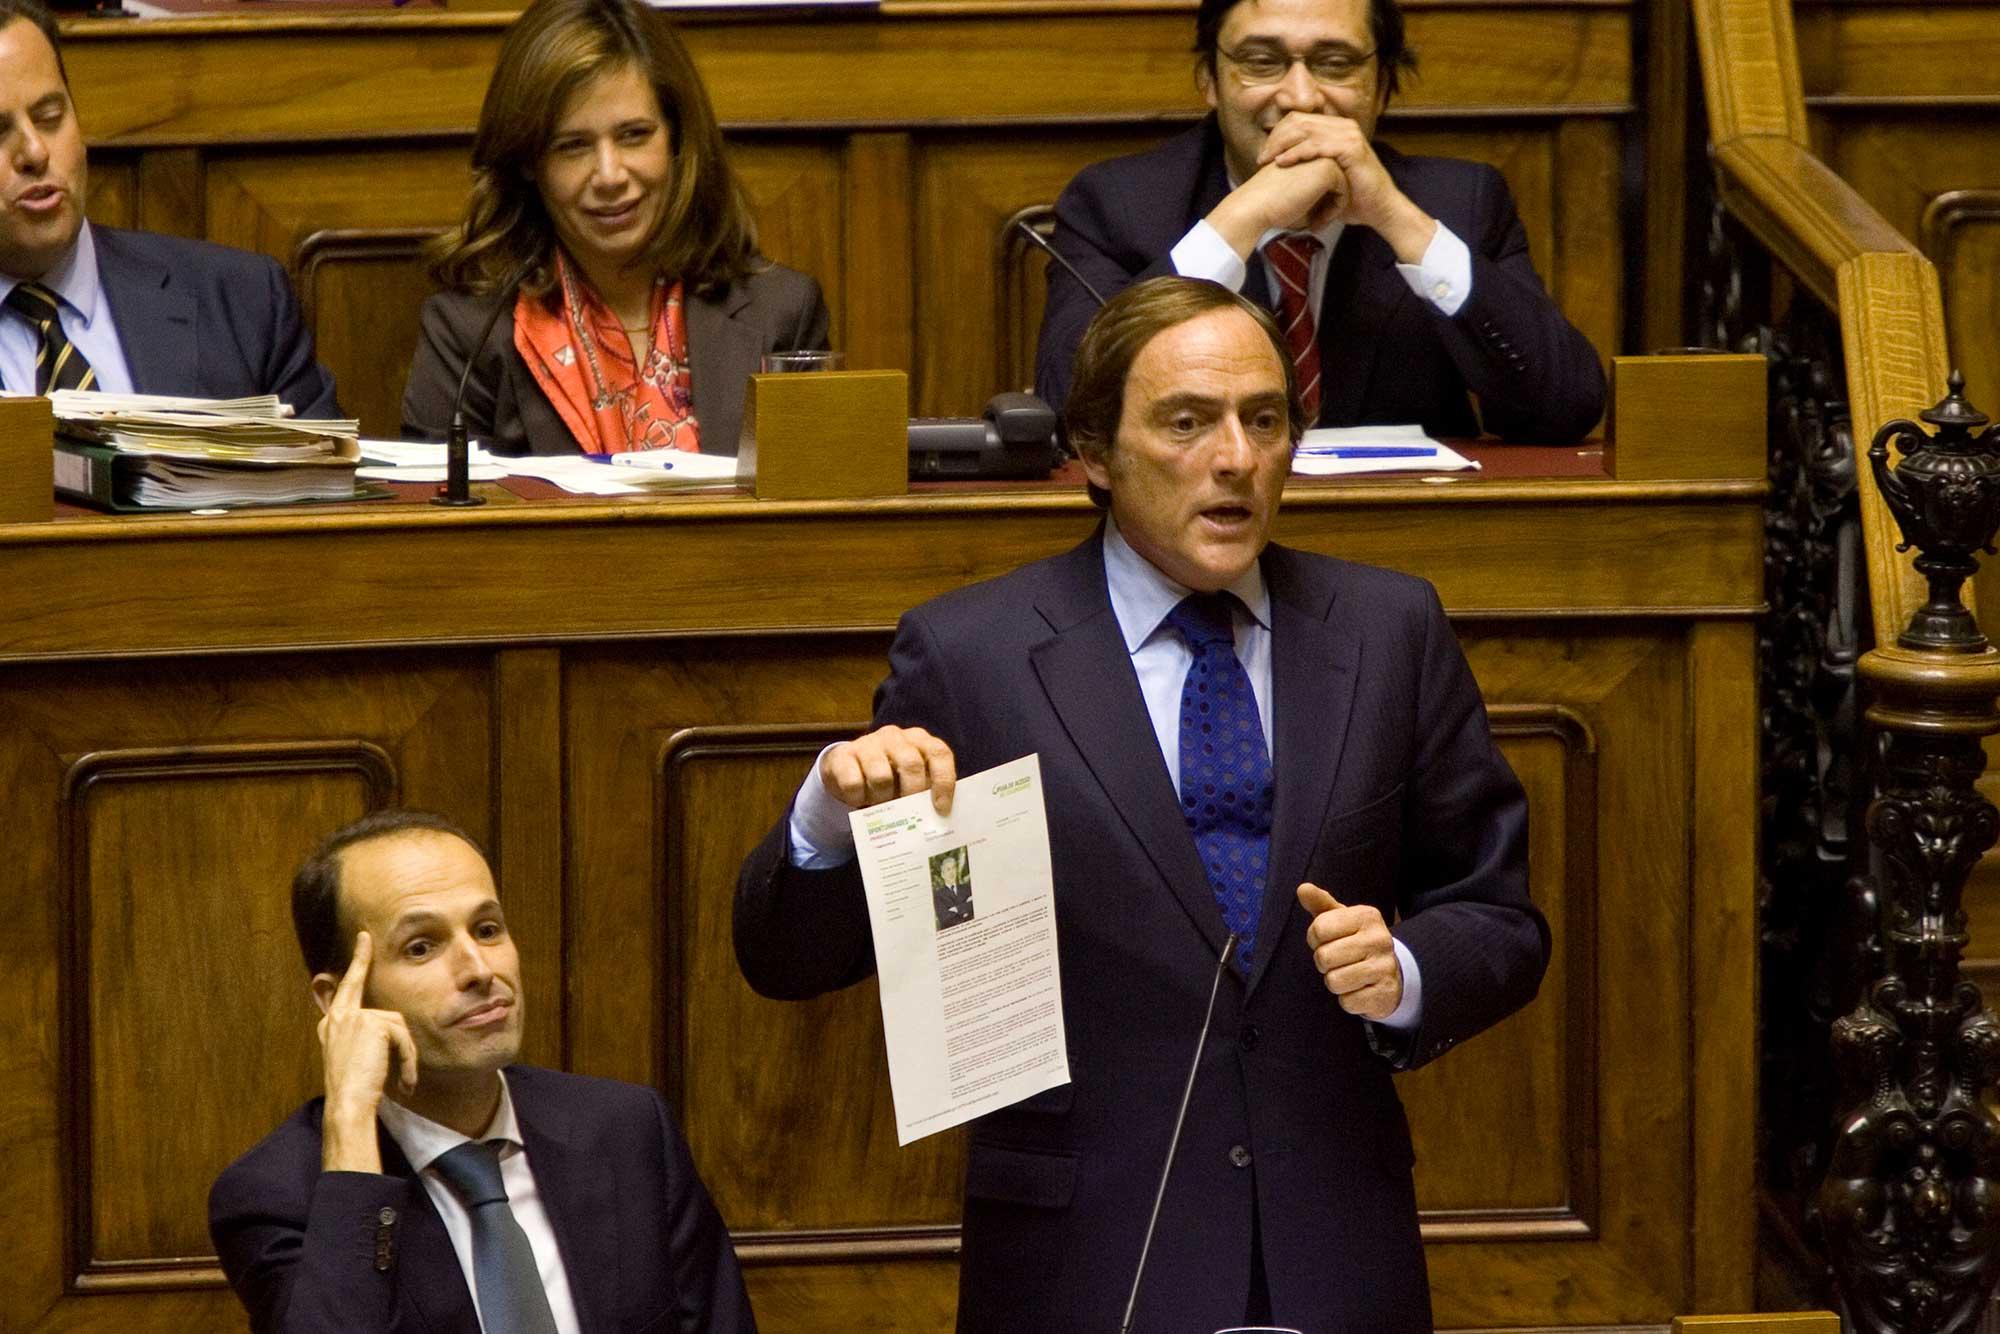 PÚBLICO - CDS lança livro com discursos dos últimos 40 anos no Parlamento